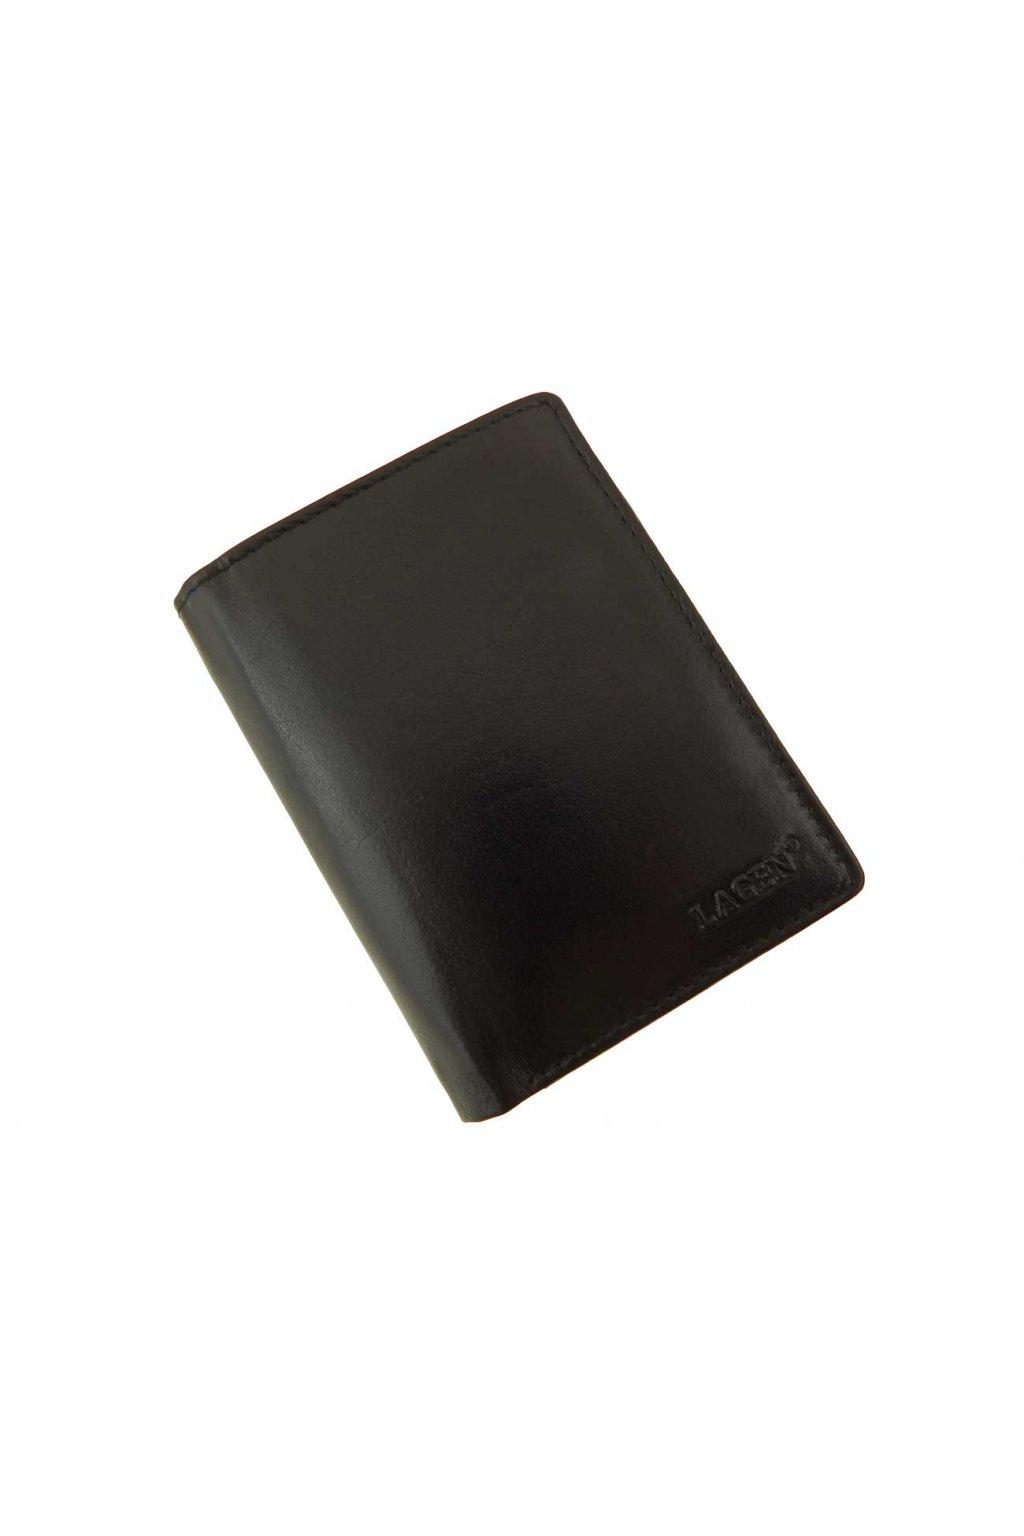 panska kozena penezenka pkp34 lm 8314 c 1